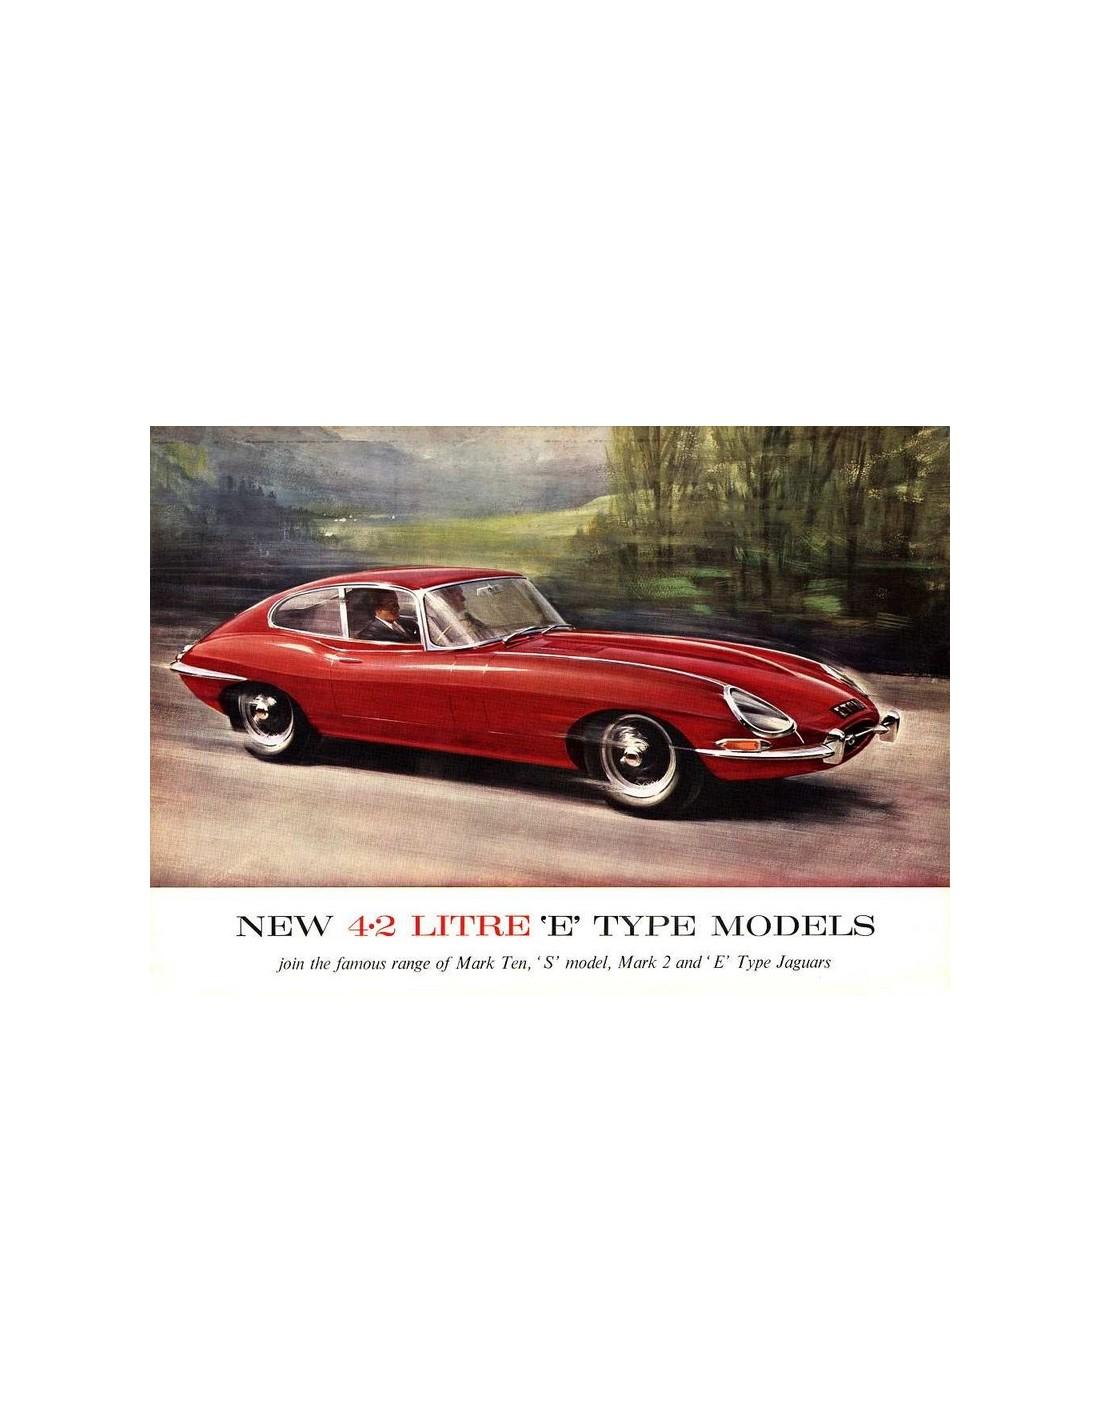 1966 Jaguar Xke Convertible: 1965 JAGUAR E TYPE 4.2 LITRE BROCHURE ENGLISH